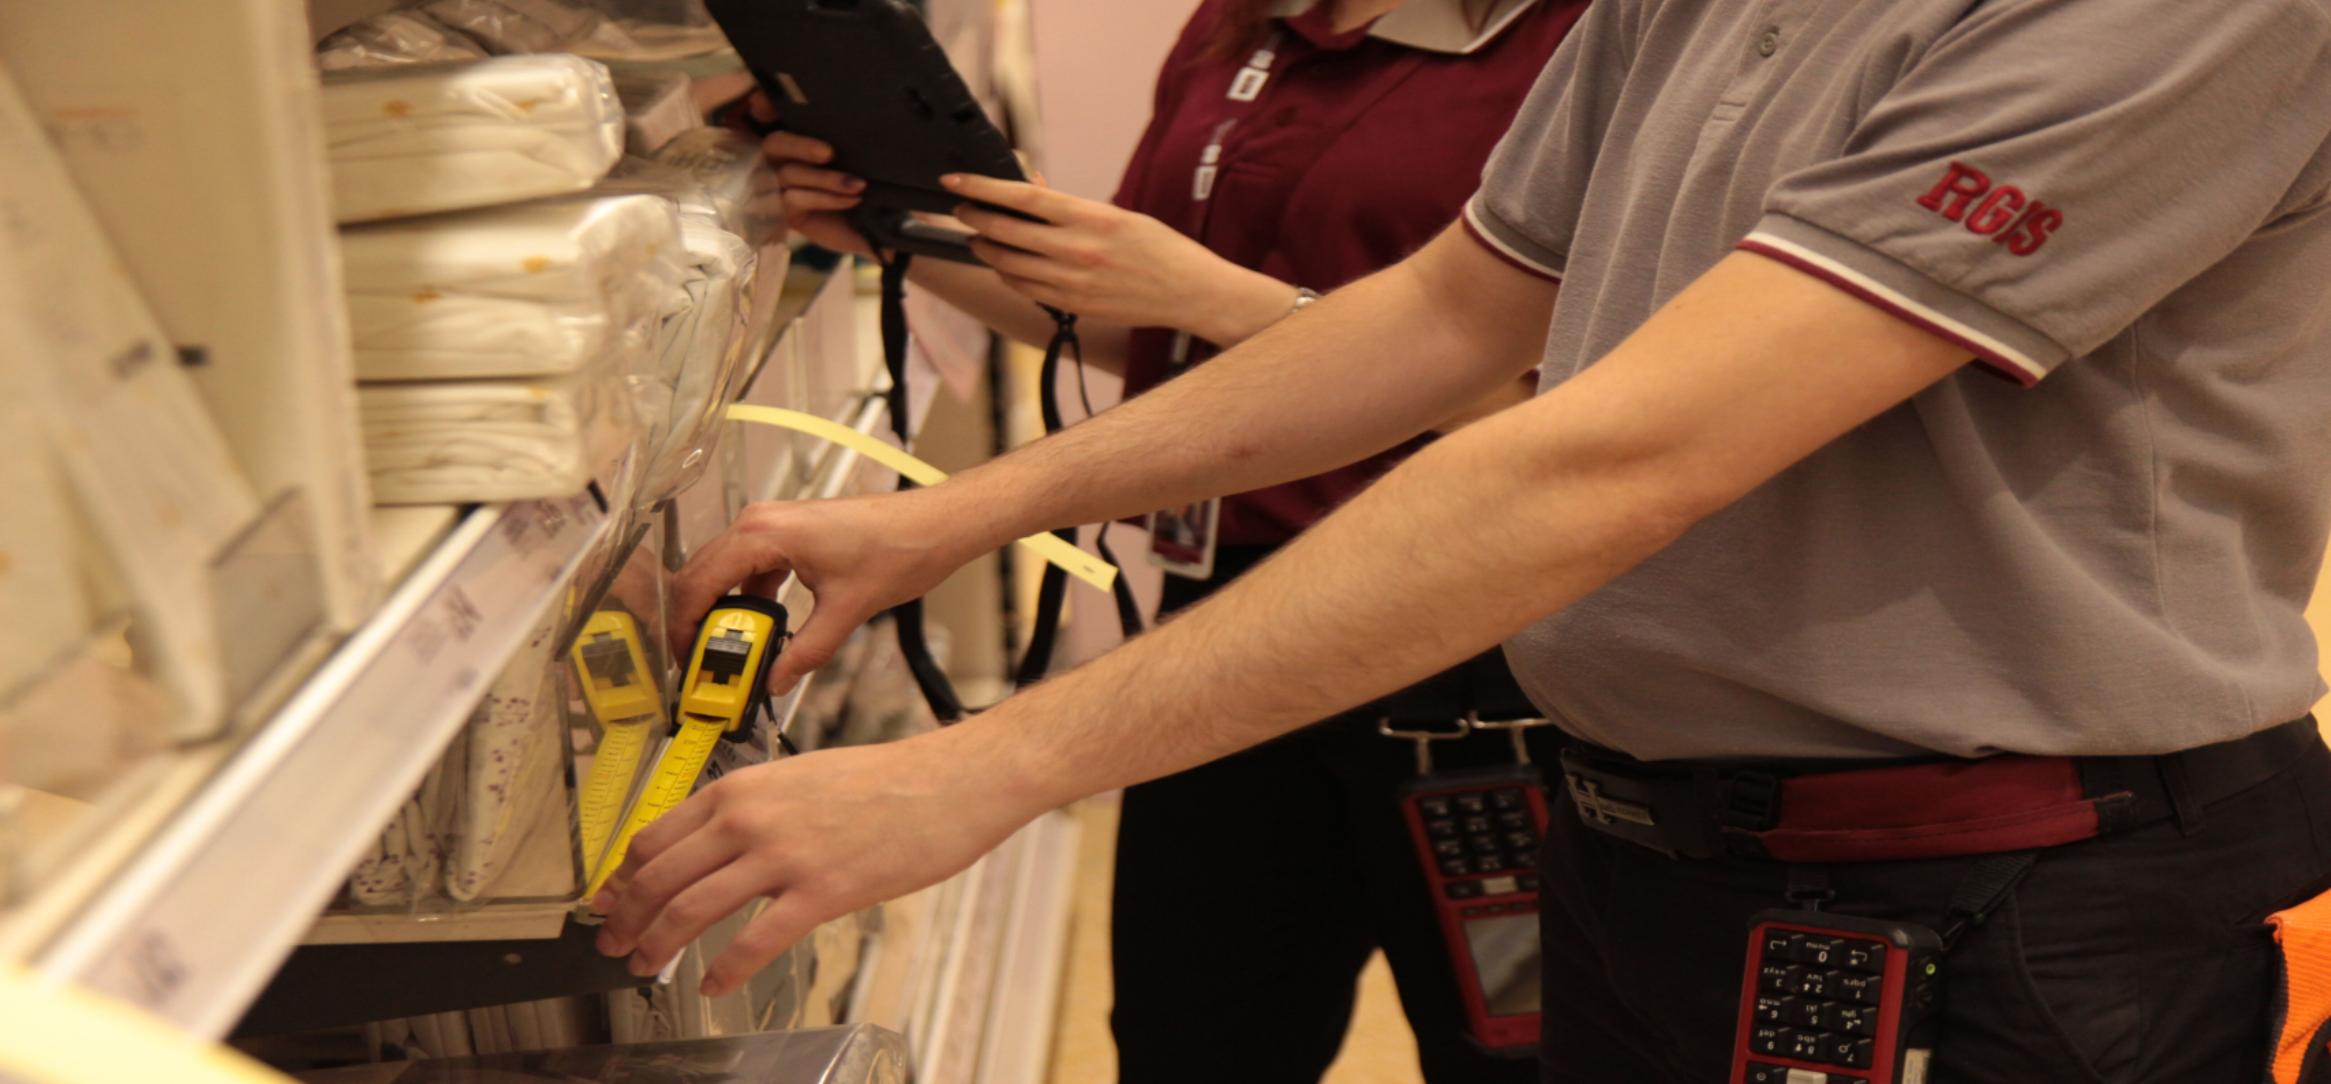 2 RGIS auditors measuring a shelf as part of a fixture audit